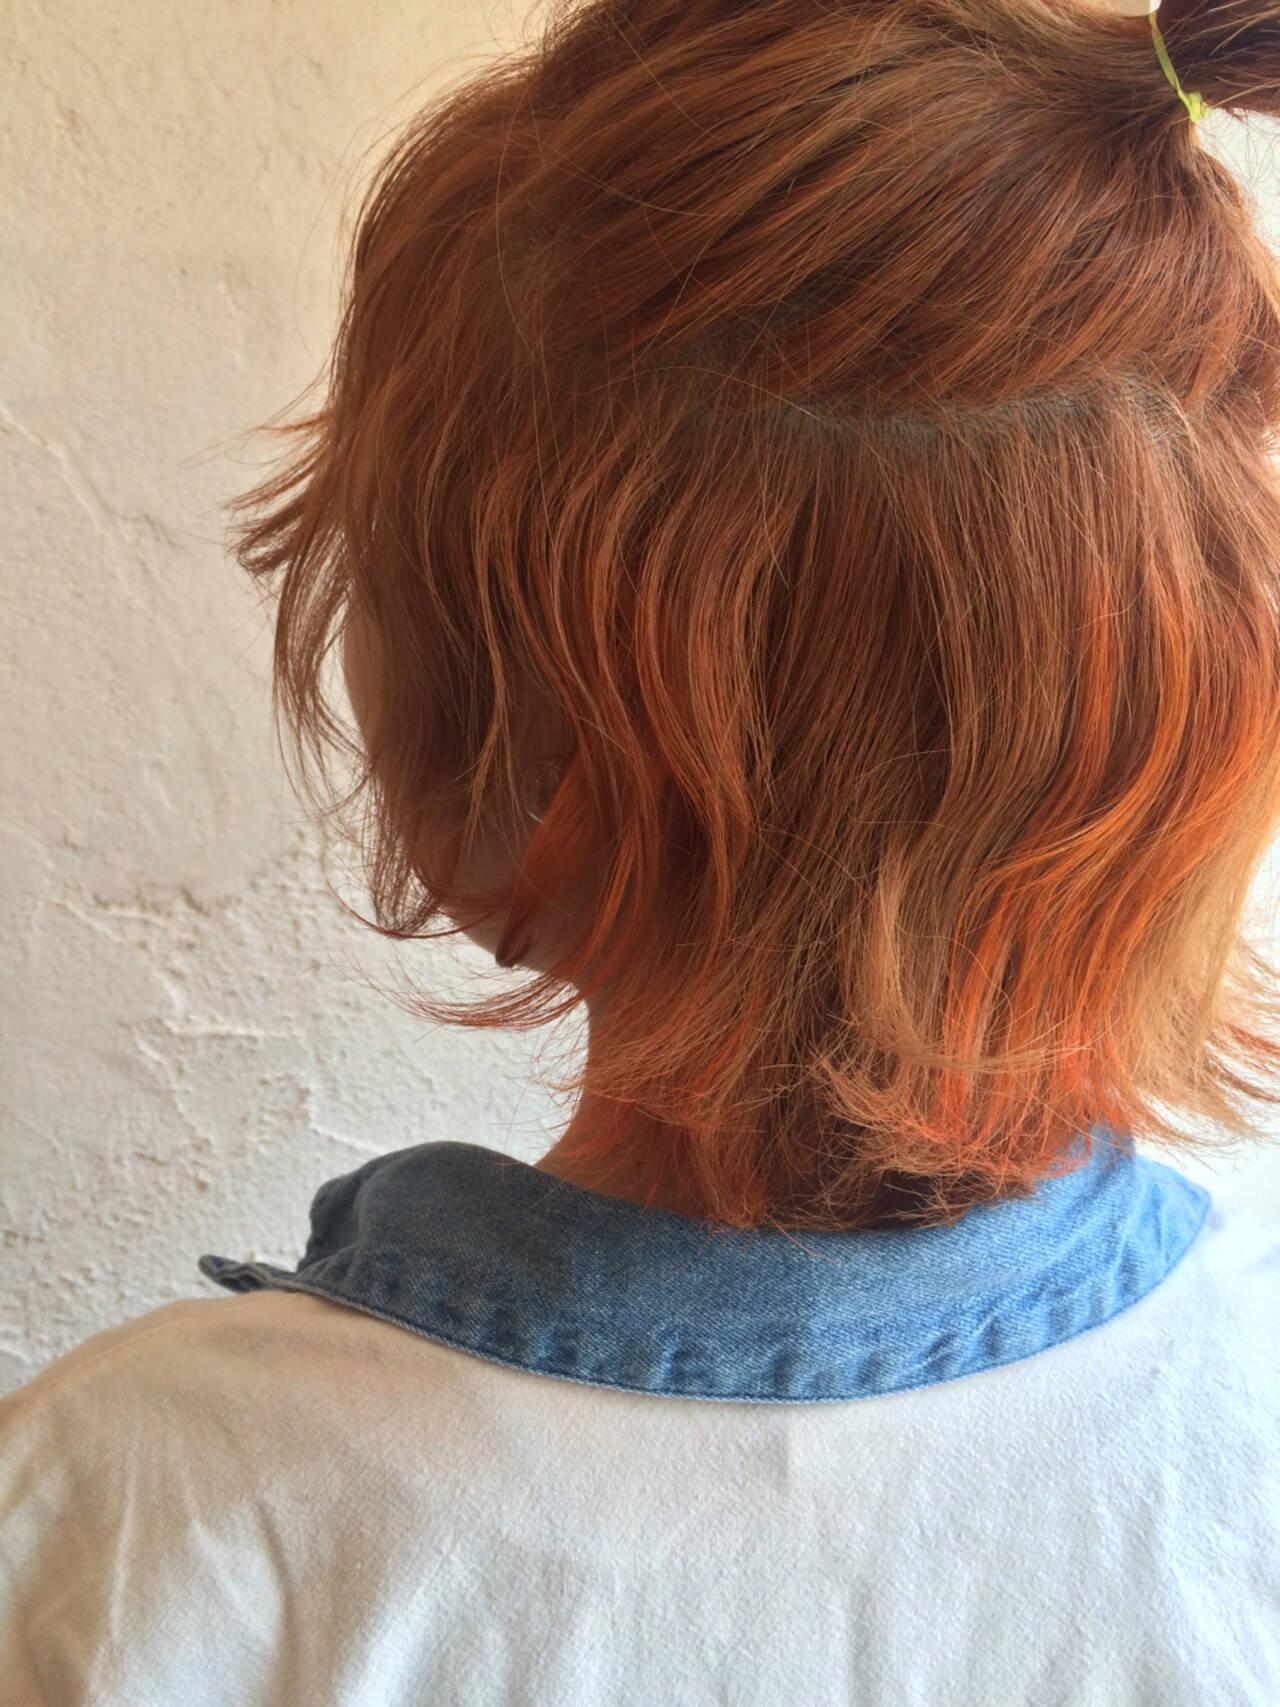 ハーフアップ オレンジ ブリーチ ハイライトヘアスタイルや髪型の写真・画像